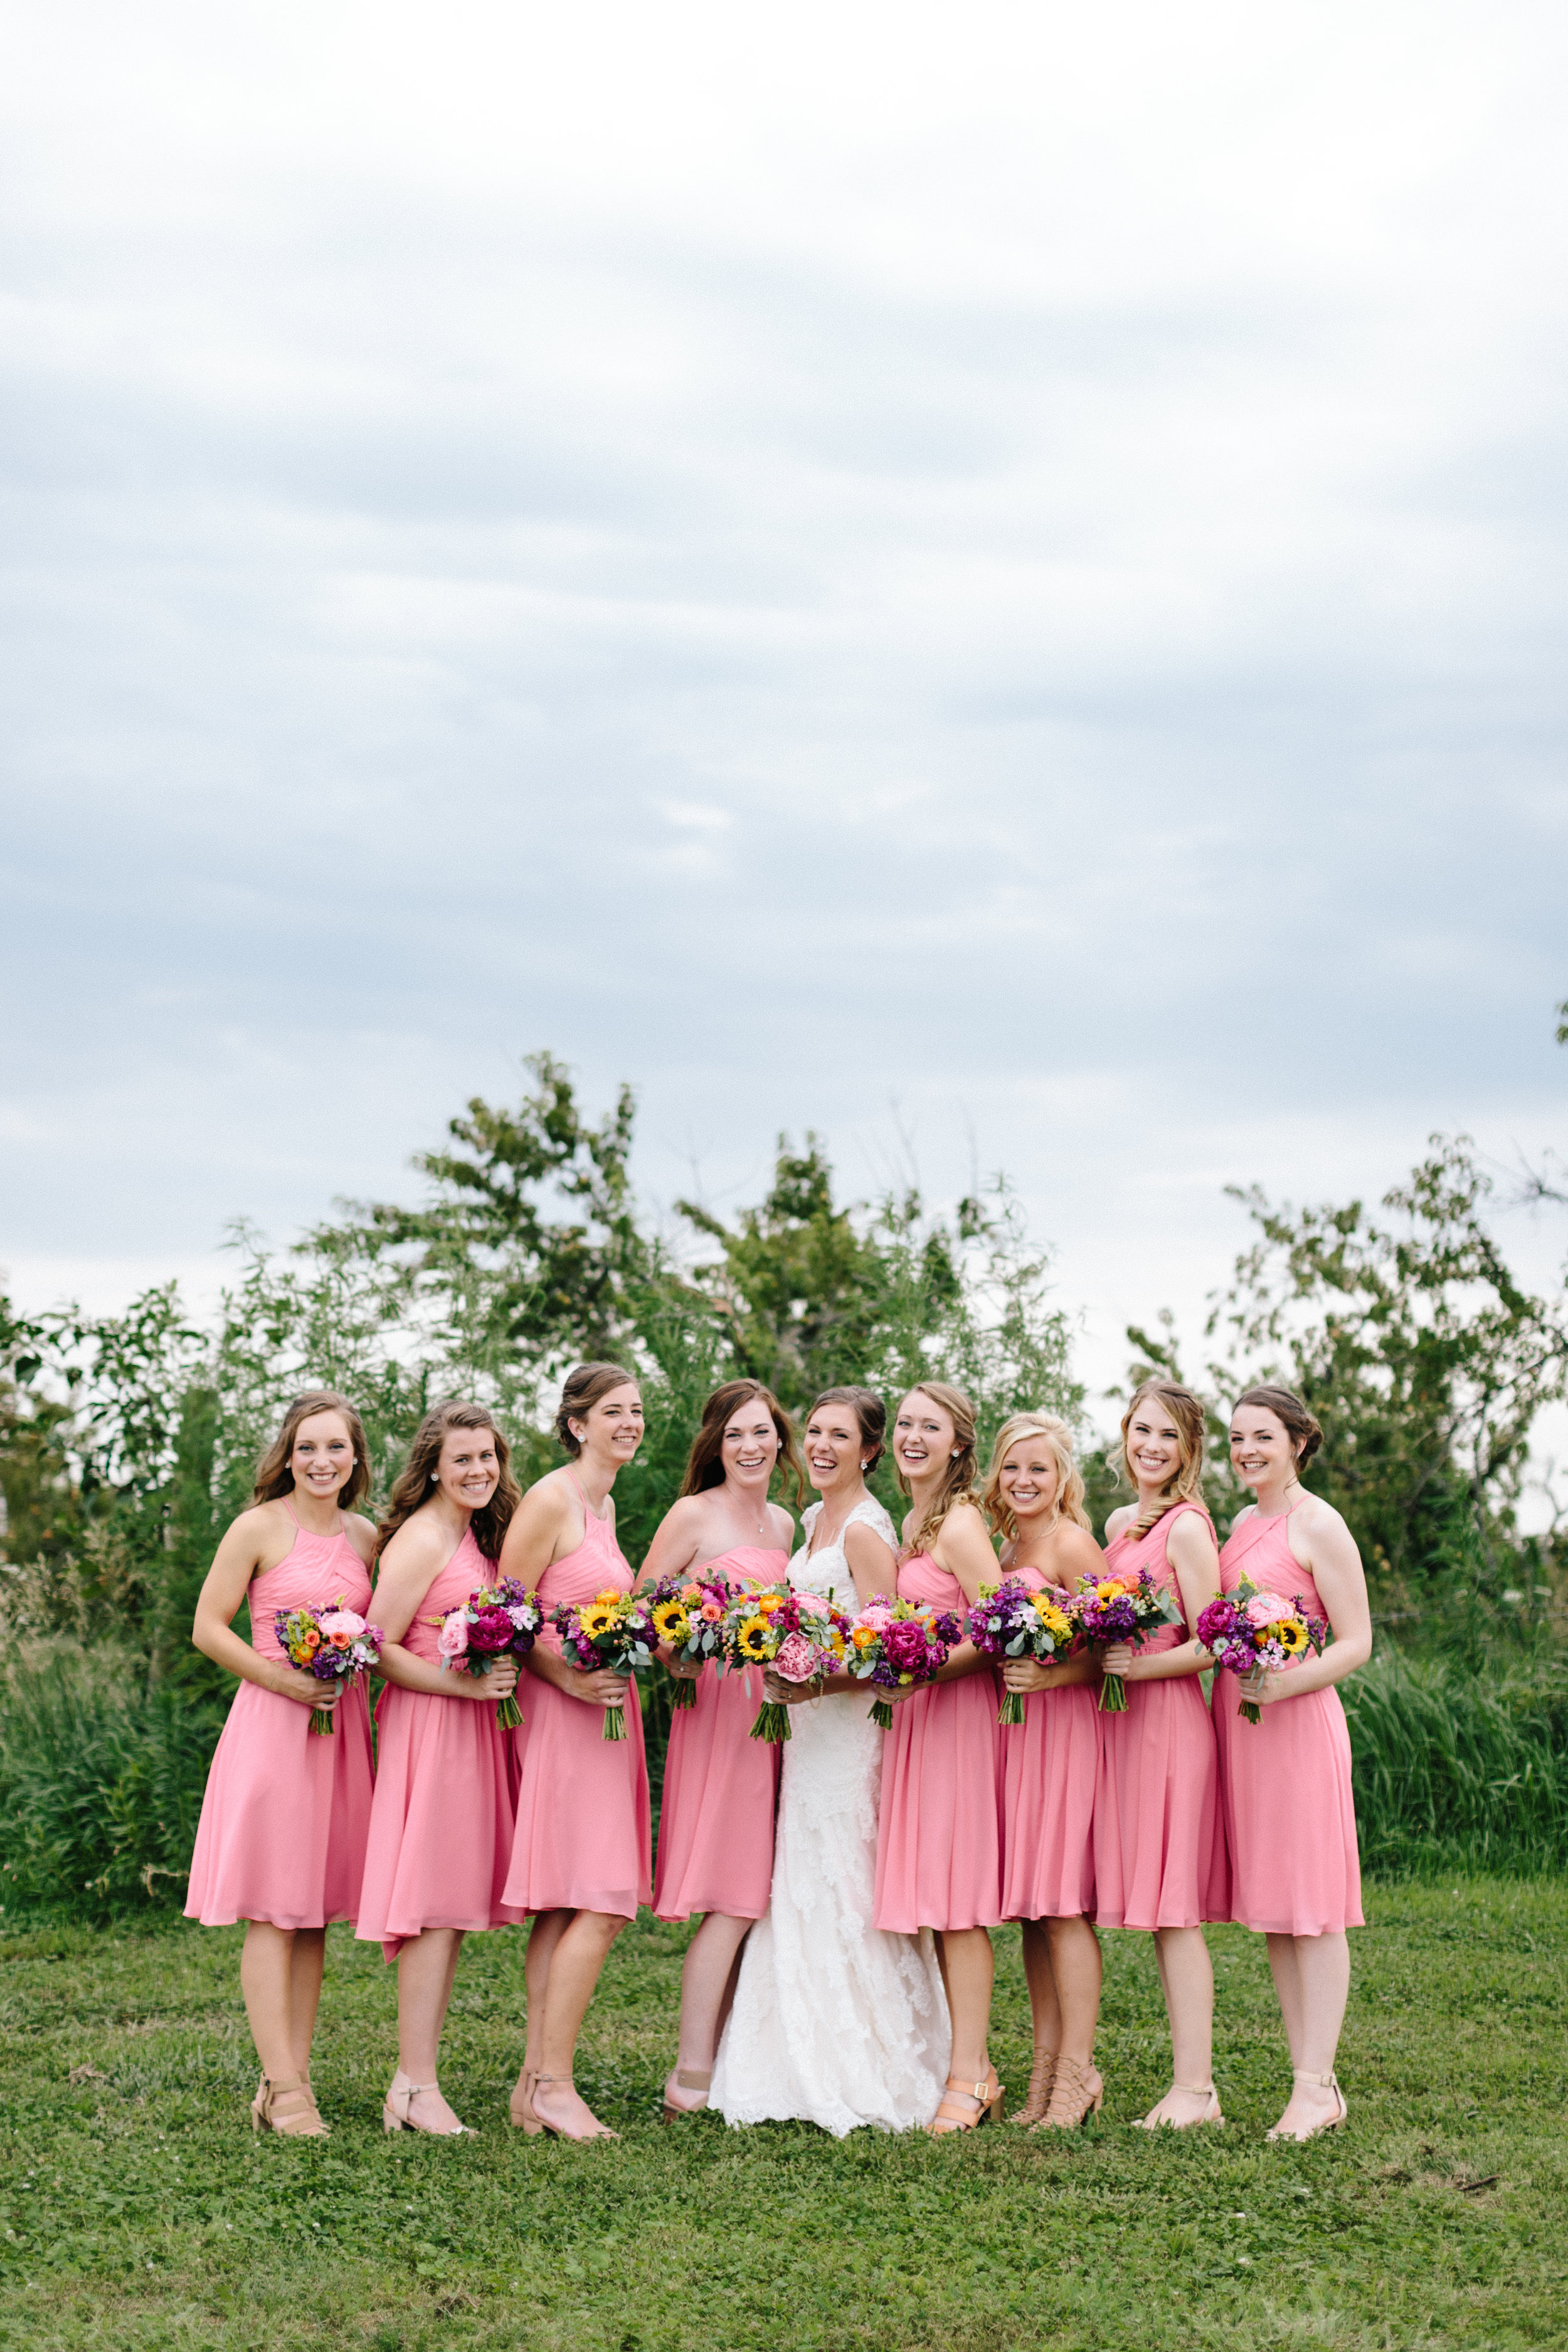 alyssa barletter photography weston missouri bright summer wedding allie and alex cole-16.jpg